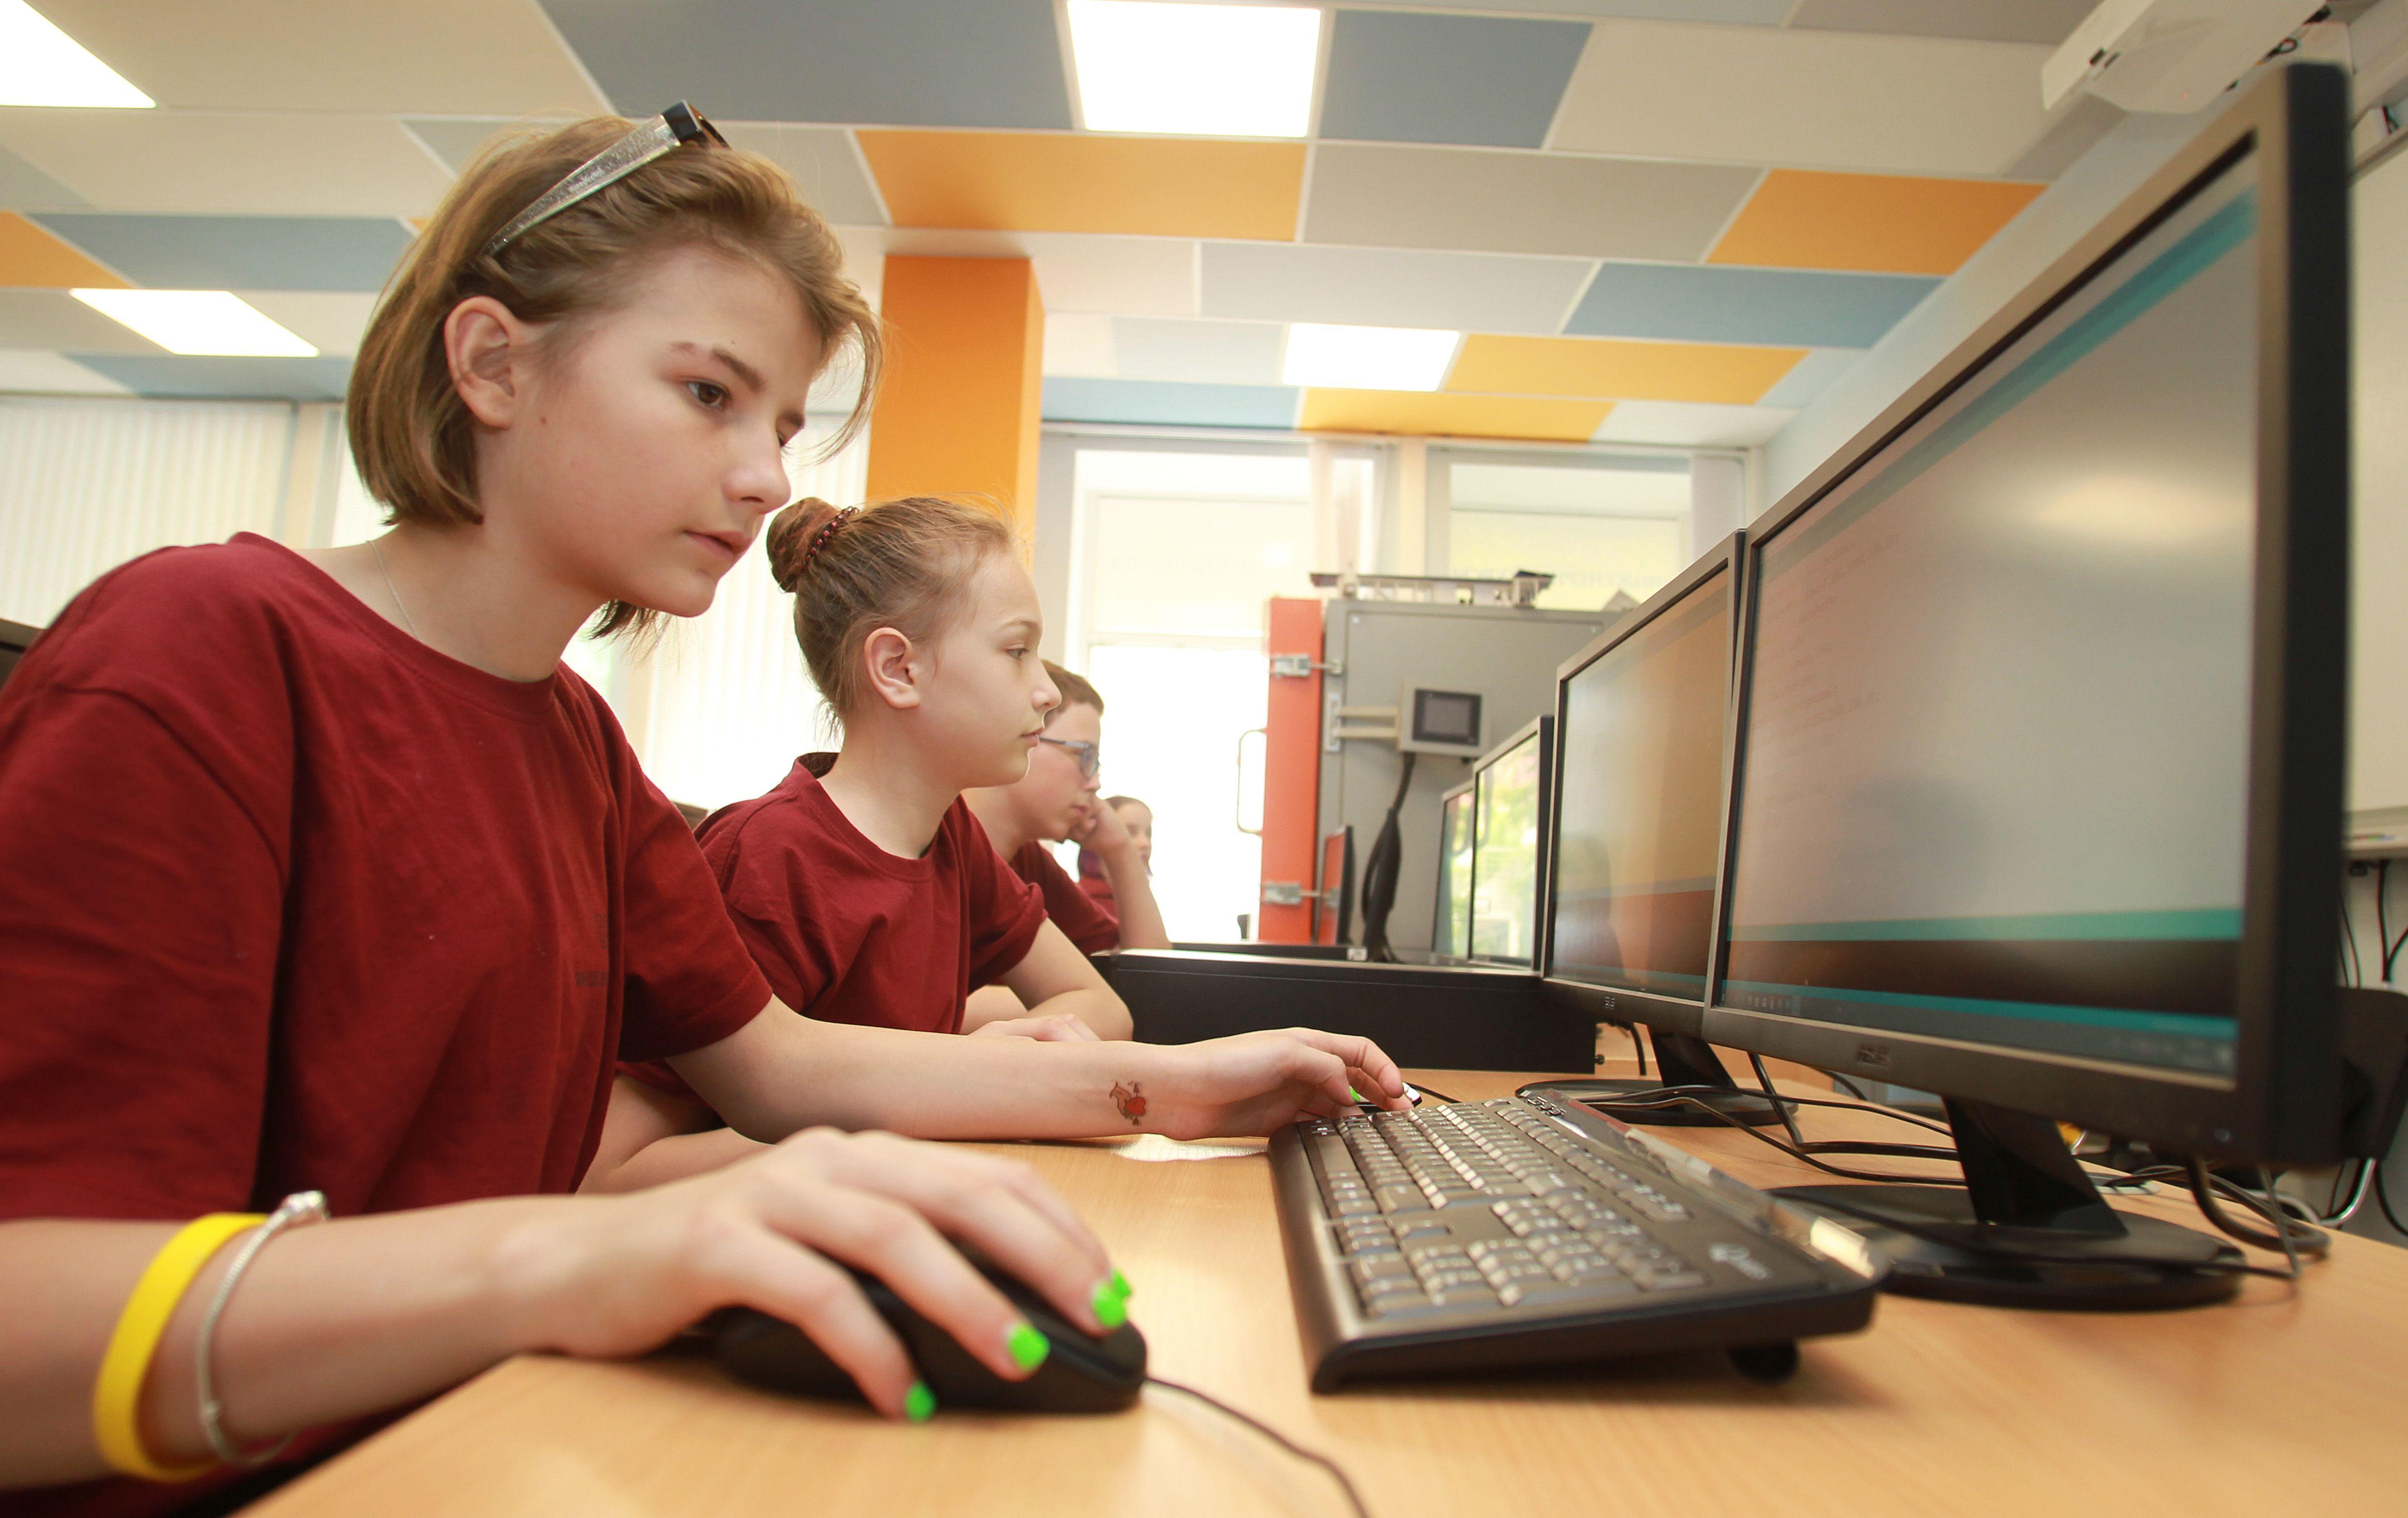 Более 23 тысяч занятий прошло в рамках проекта «Субботы московского школьника»